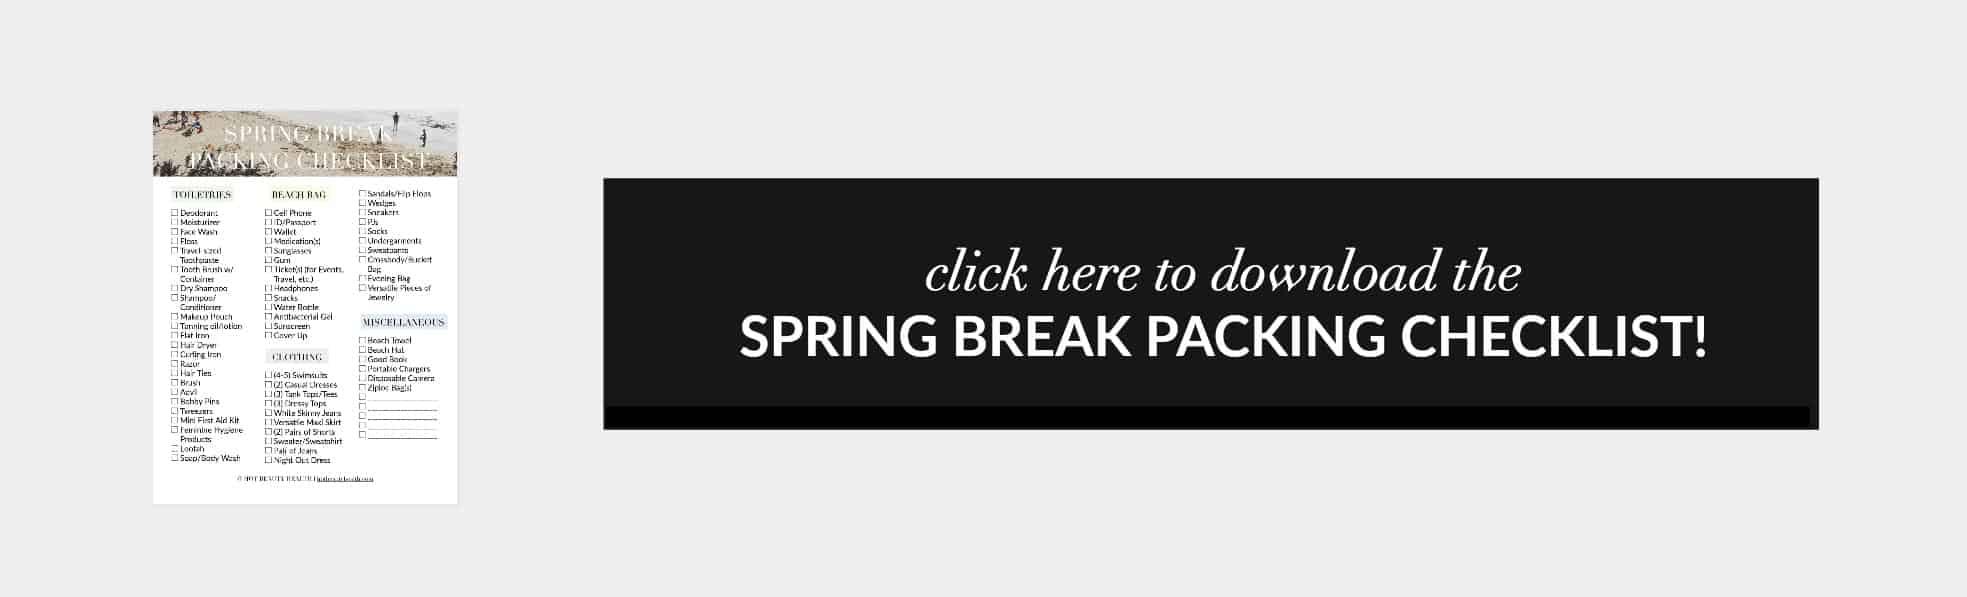 spring break box